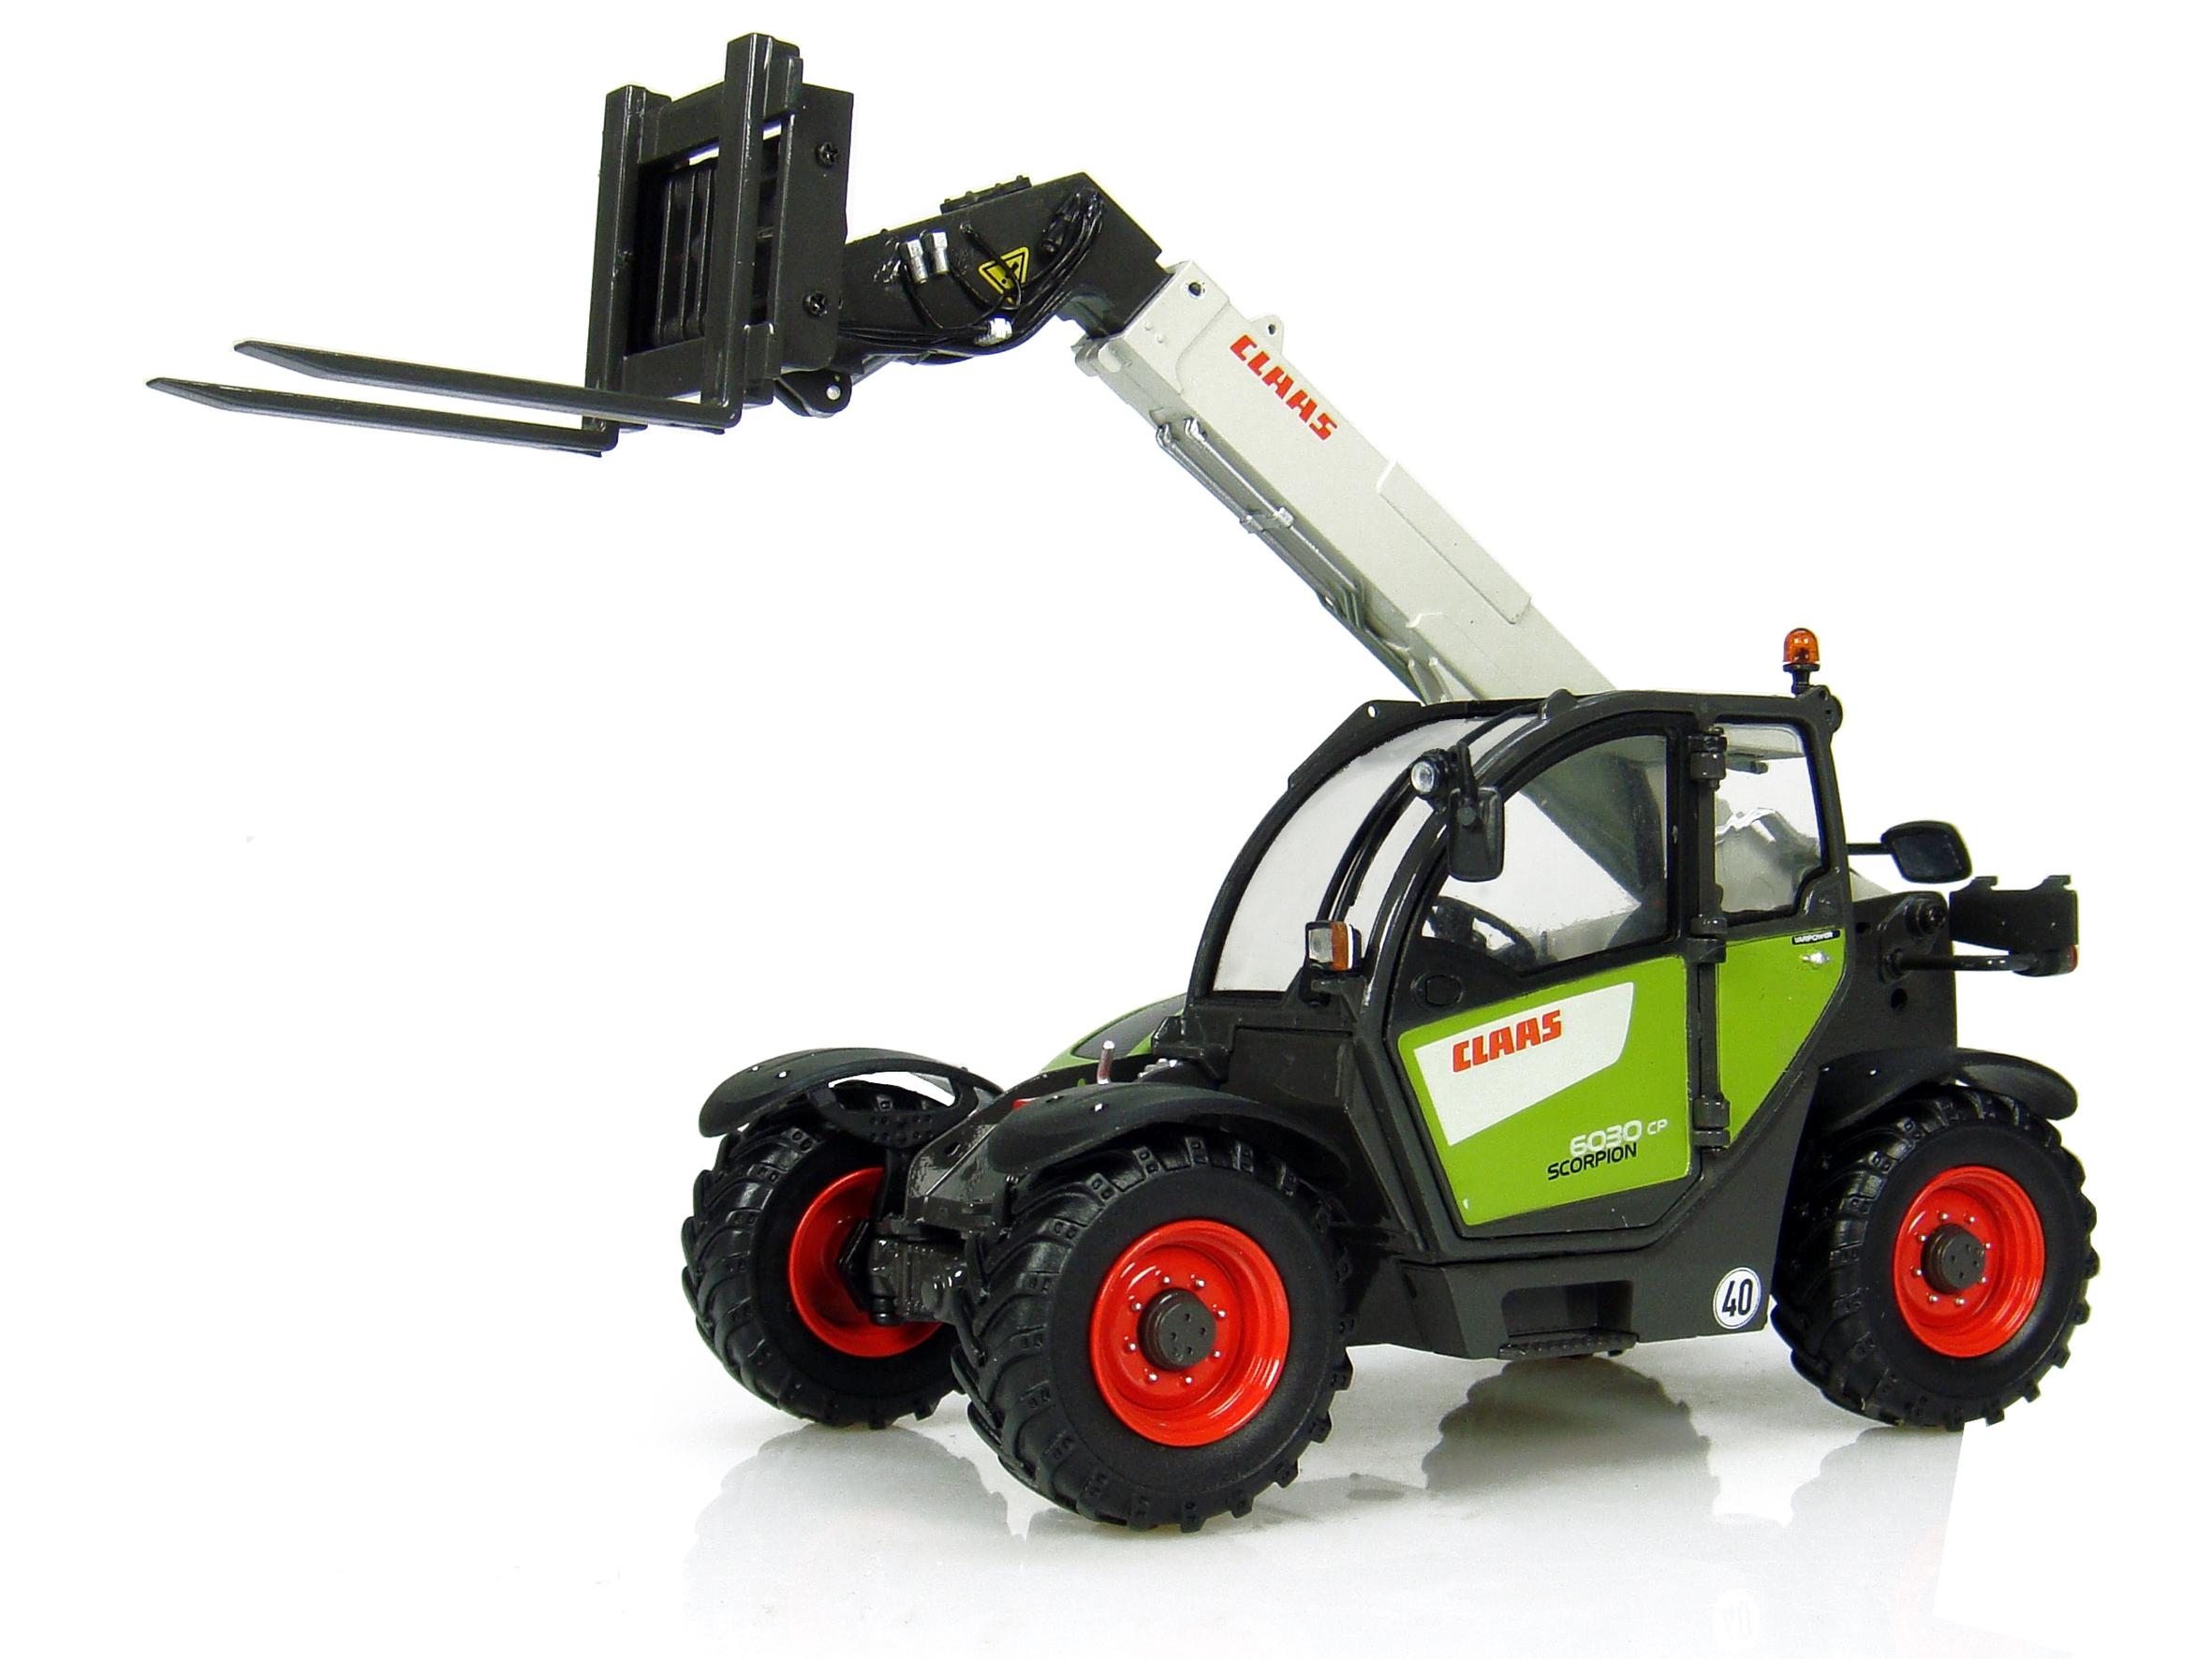 Claas scorpion 6030 avec fourche fabriqu par universal hobbies echelle 1 32 - Tracteur avec fourche ...